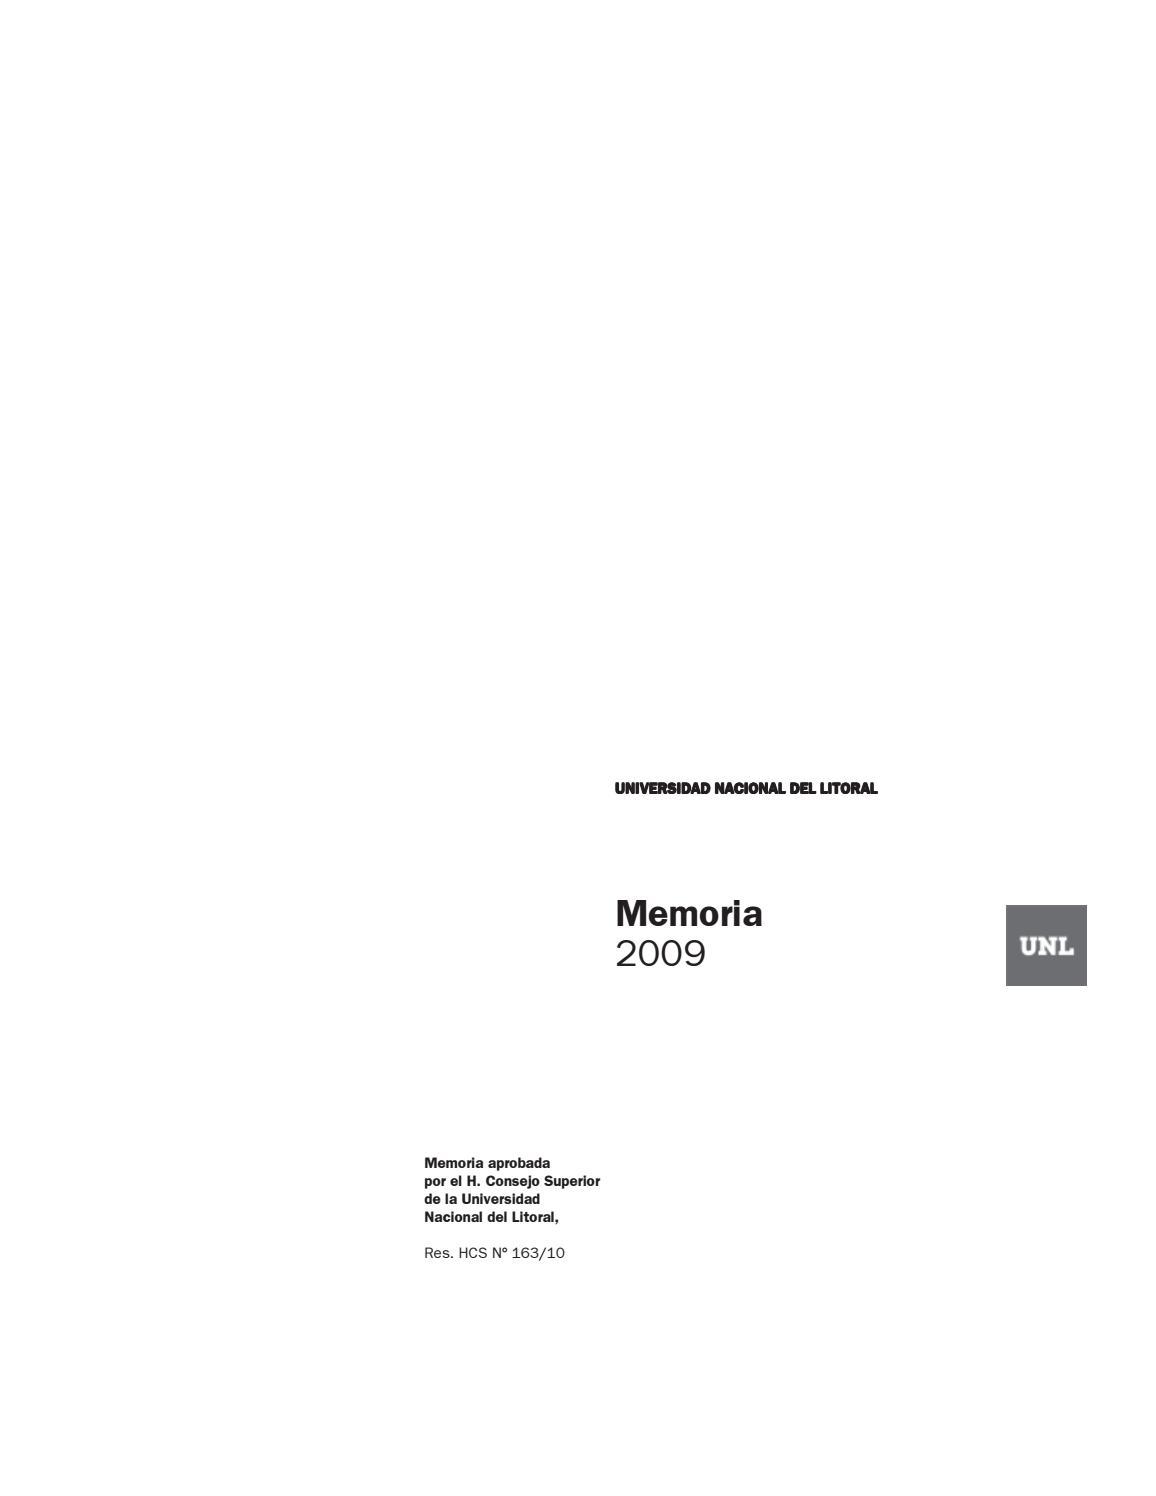 c41832bc7f Memoria institucional 2009 by Universidad Nacional del Litoral - issuu